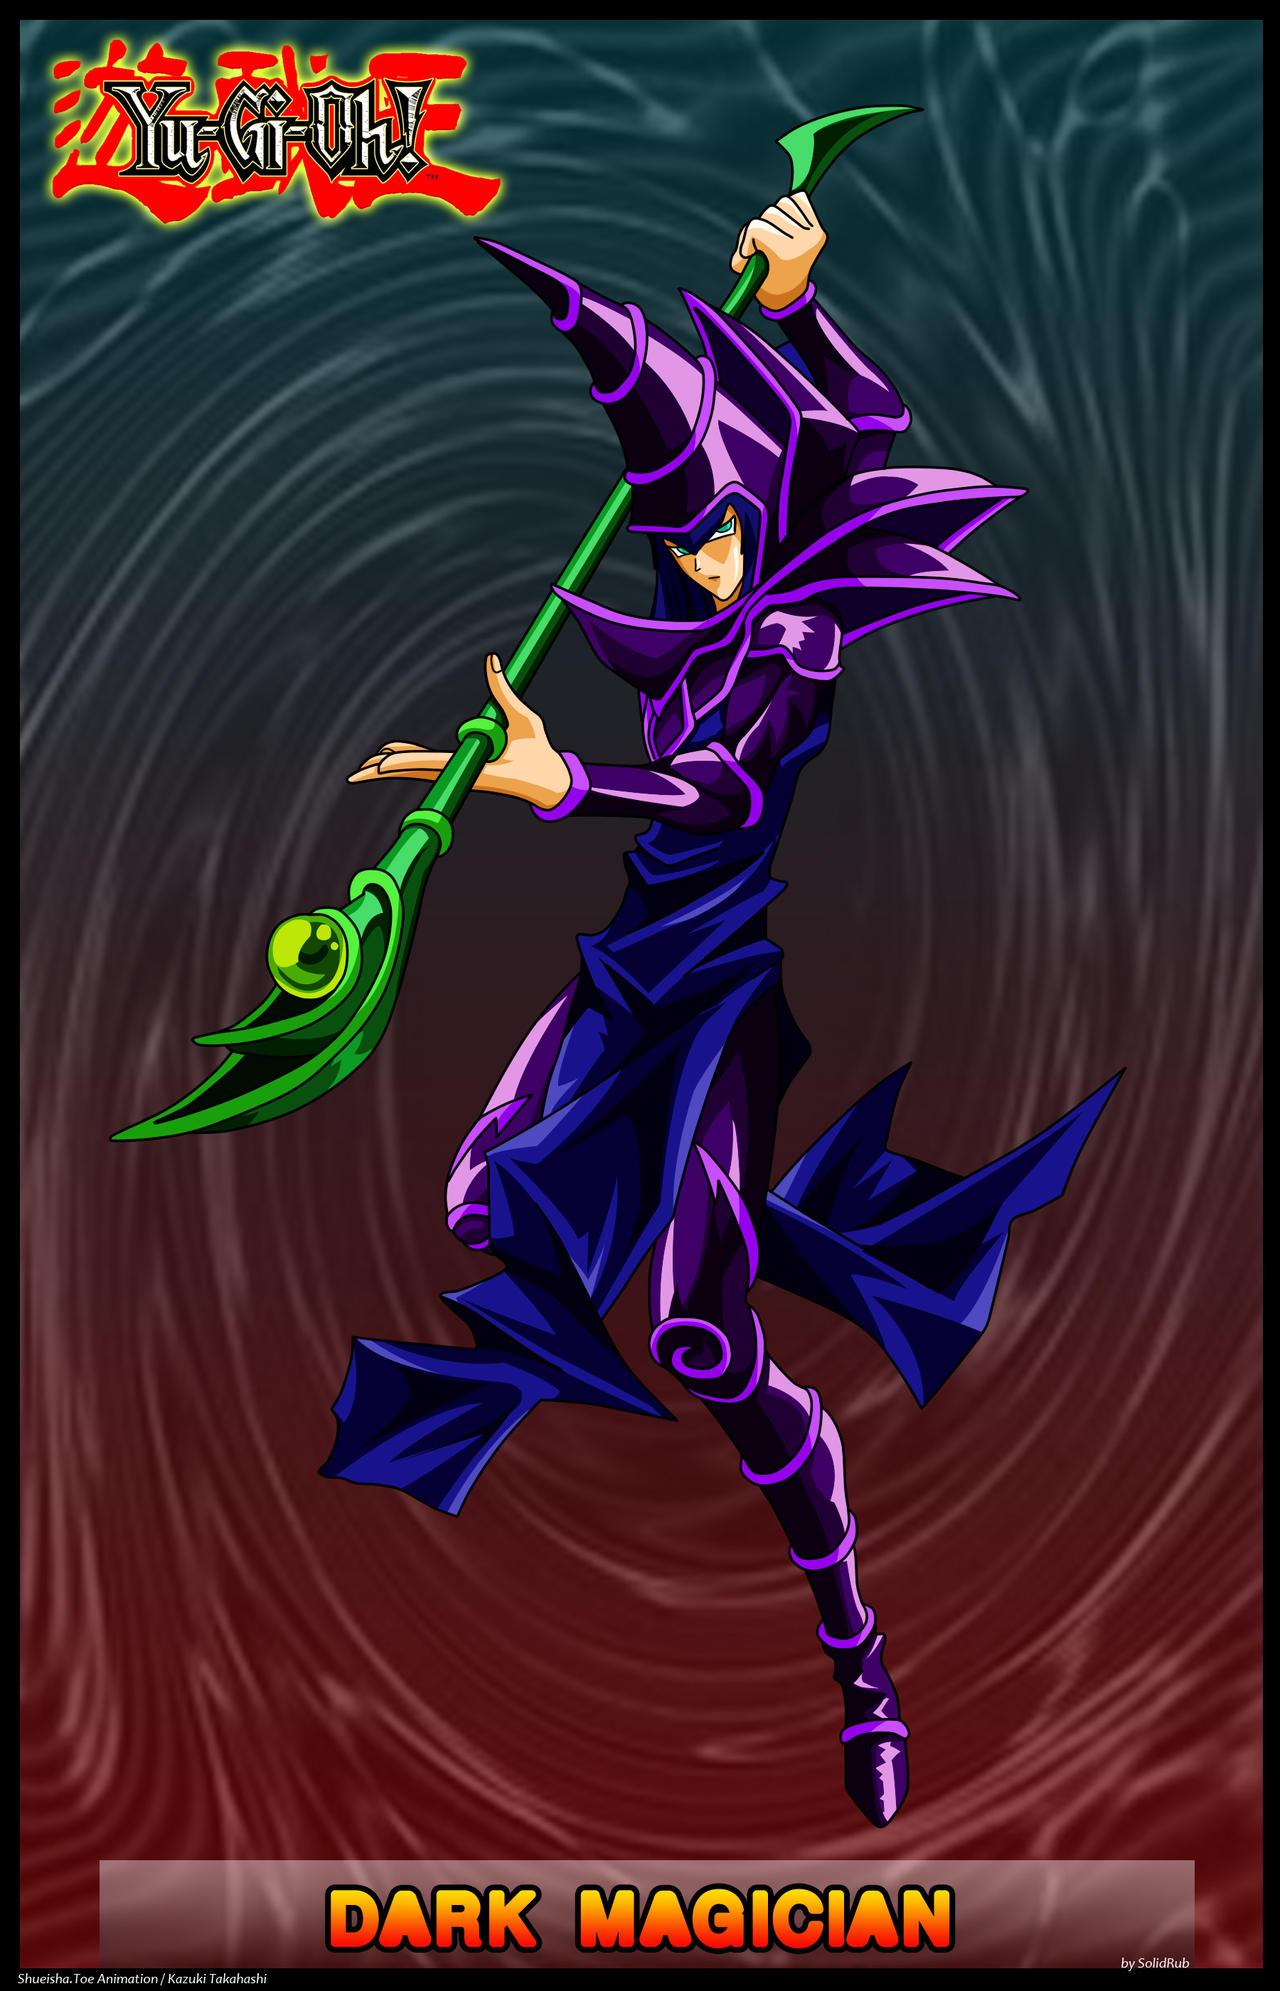 Dark Magician by solidrub on DeviantArt